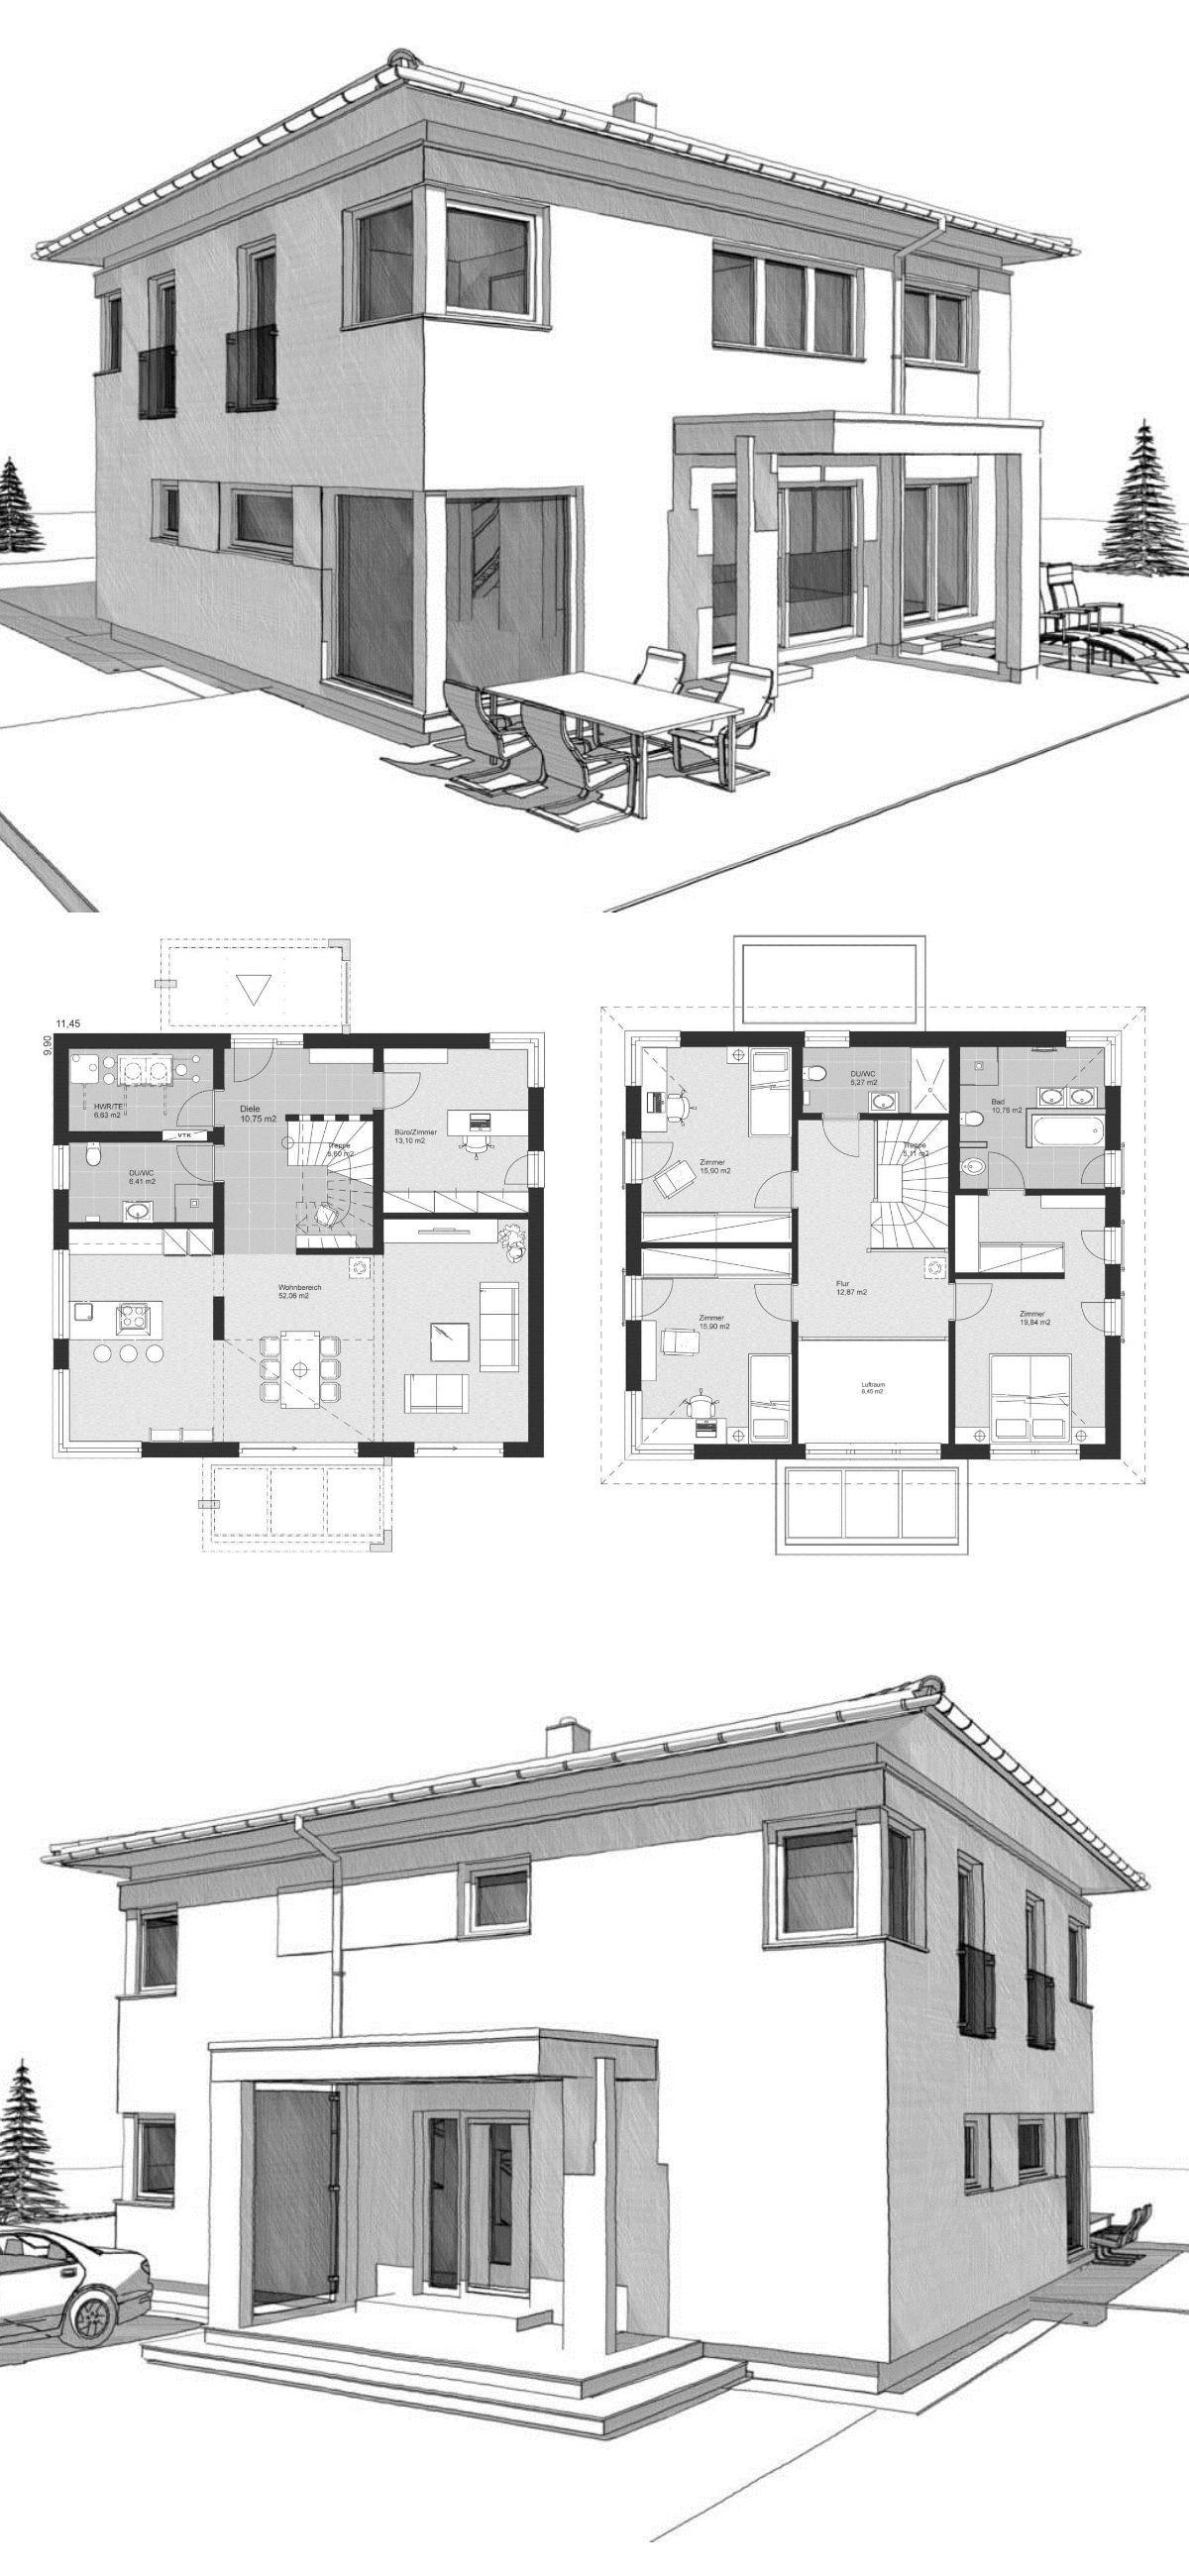 Stadtvilla neubau modern grundriss mit walmdach for Grundriss einfamilienhaus 2 vollgeschosse